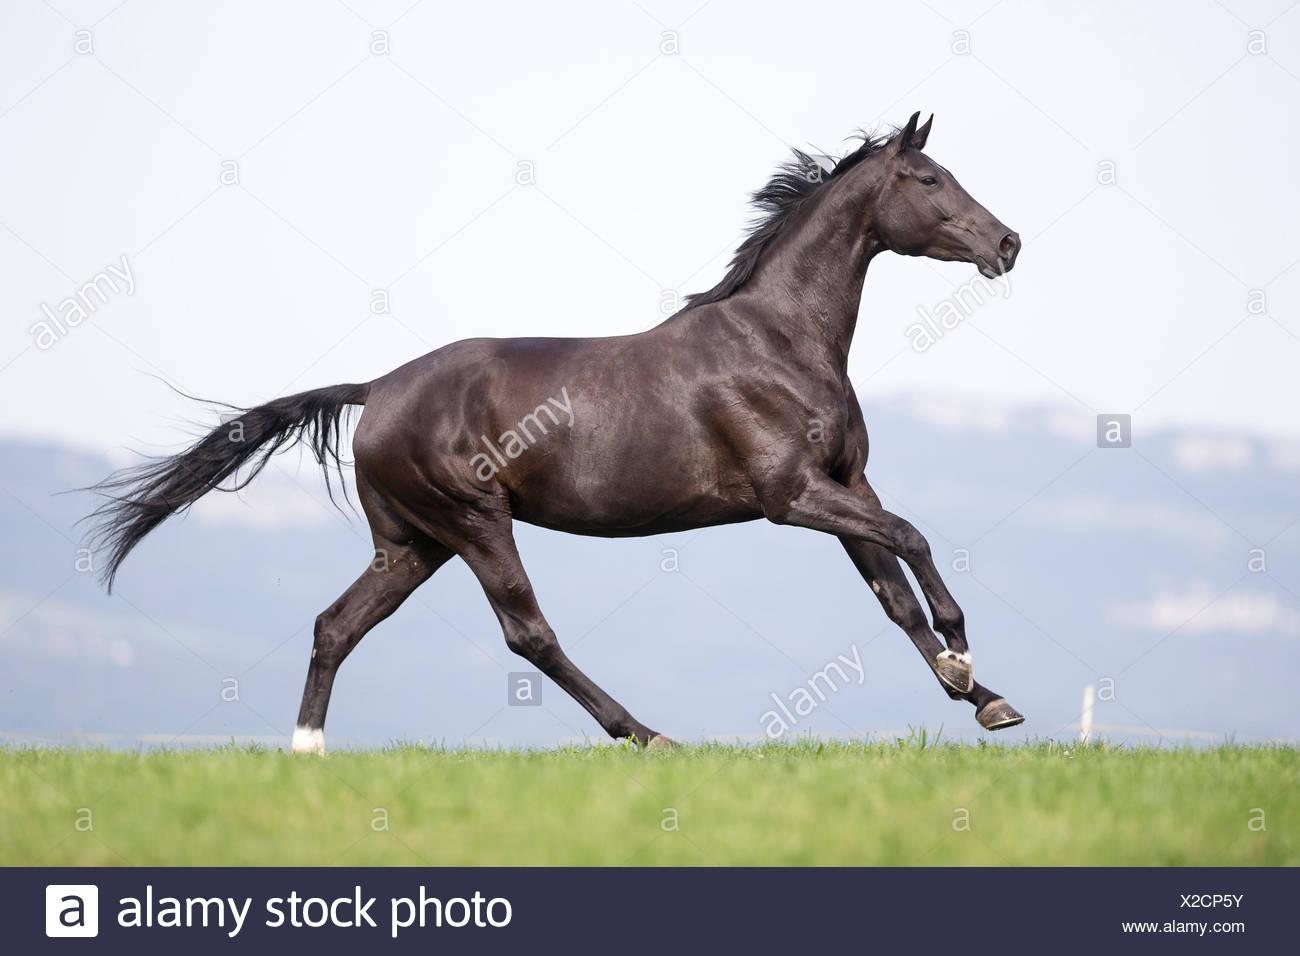 Oldenburg caballo. Mare negro galopando en una pastura. Secuencia. Suiza Foto de stock